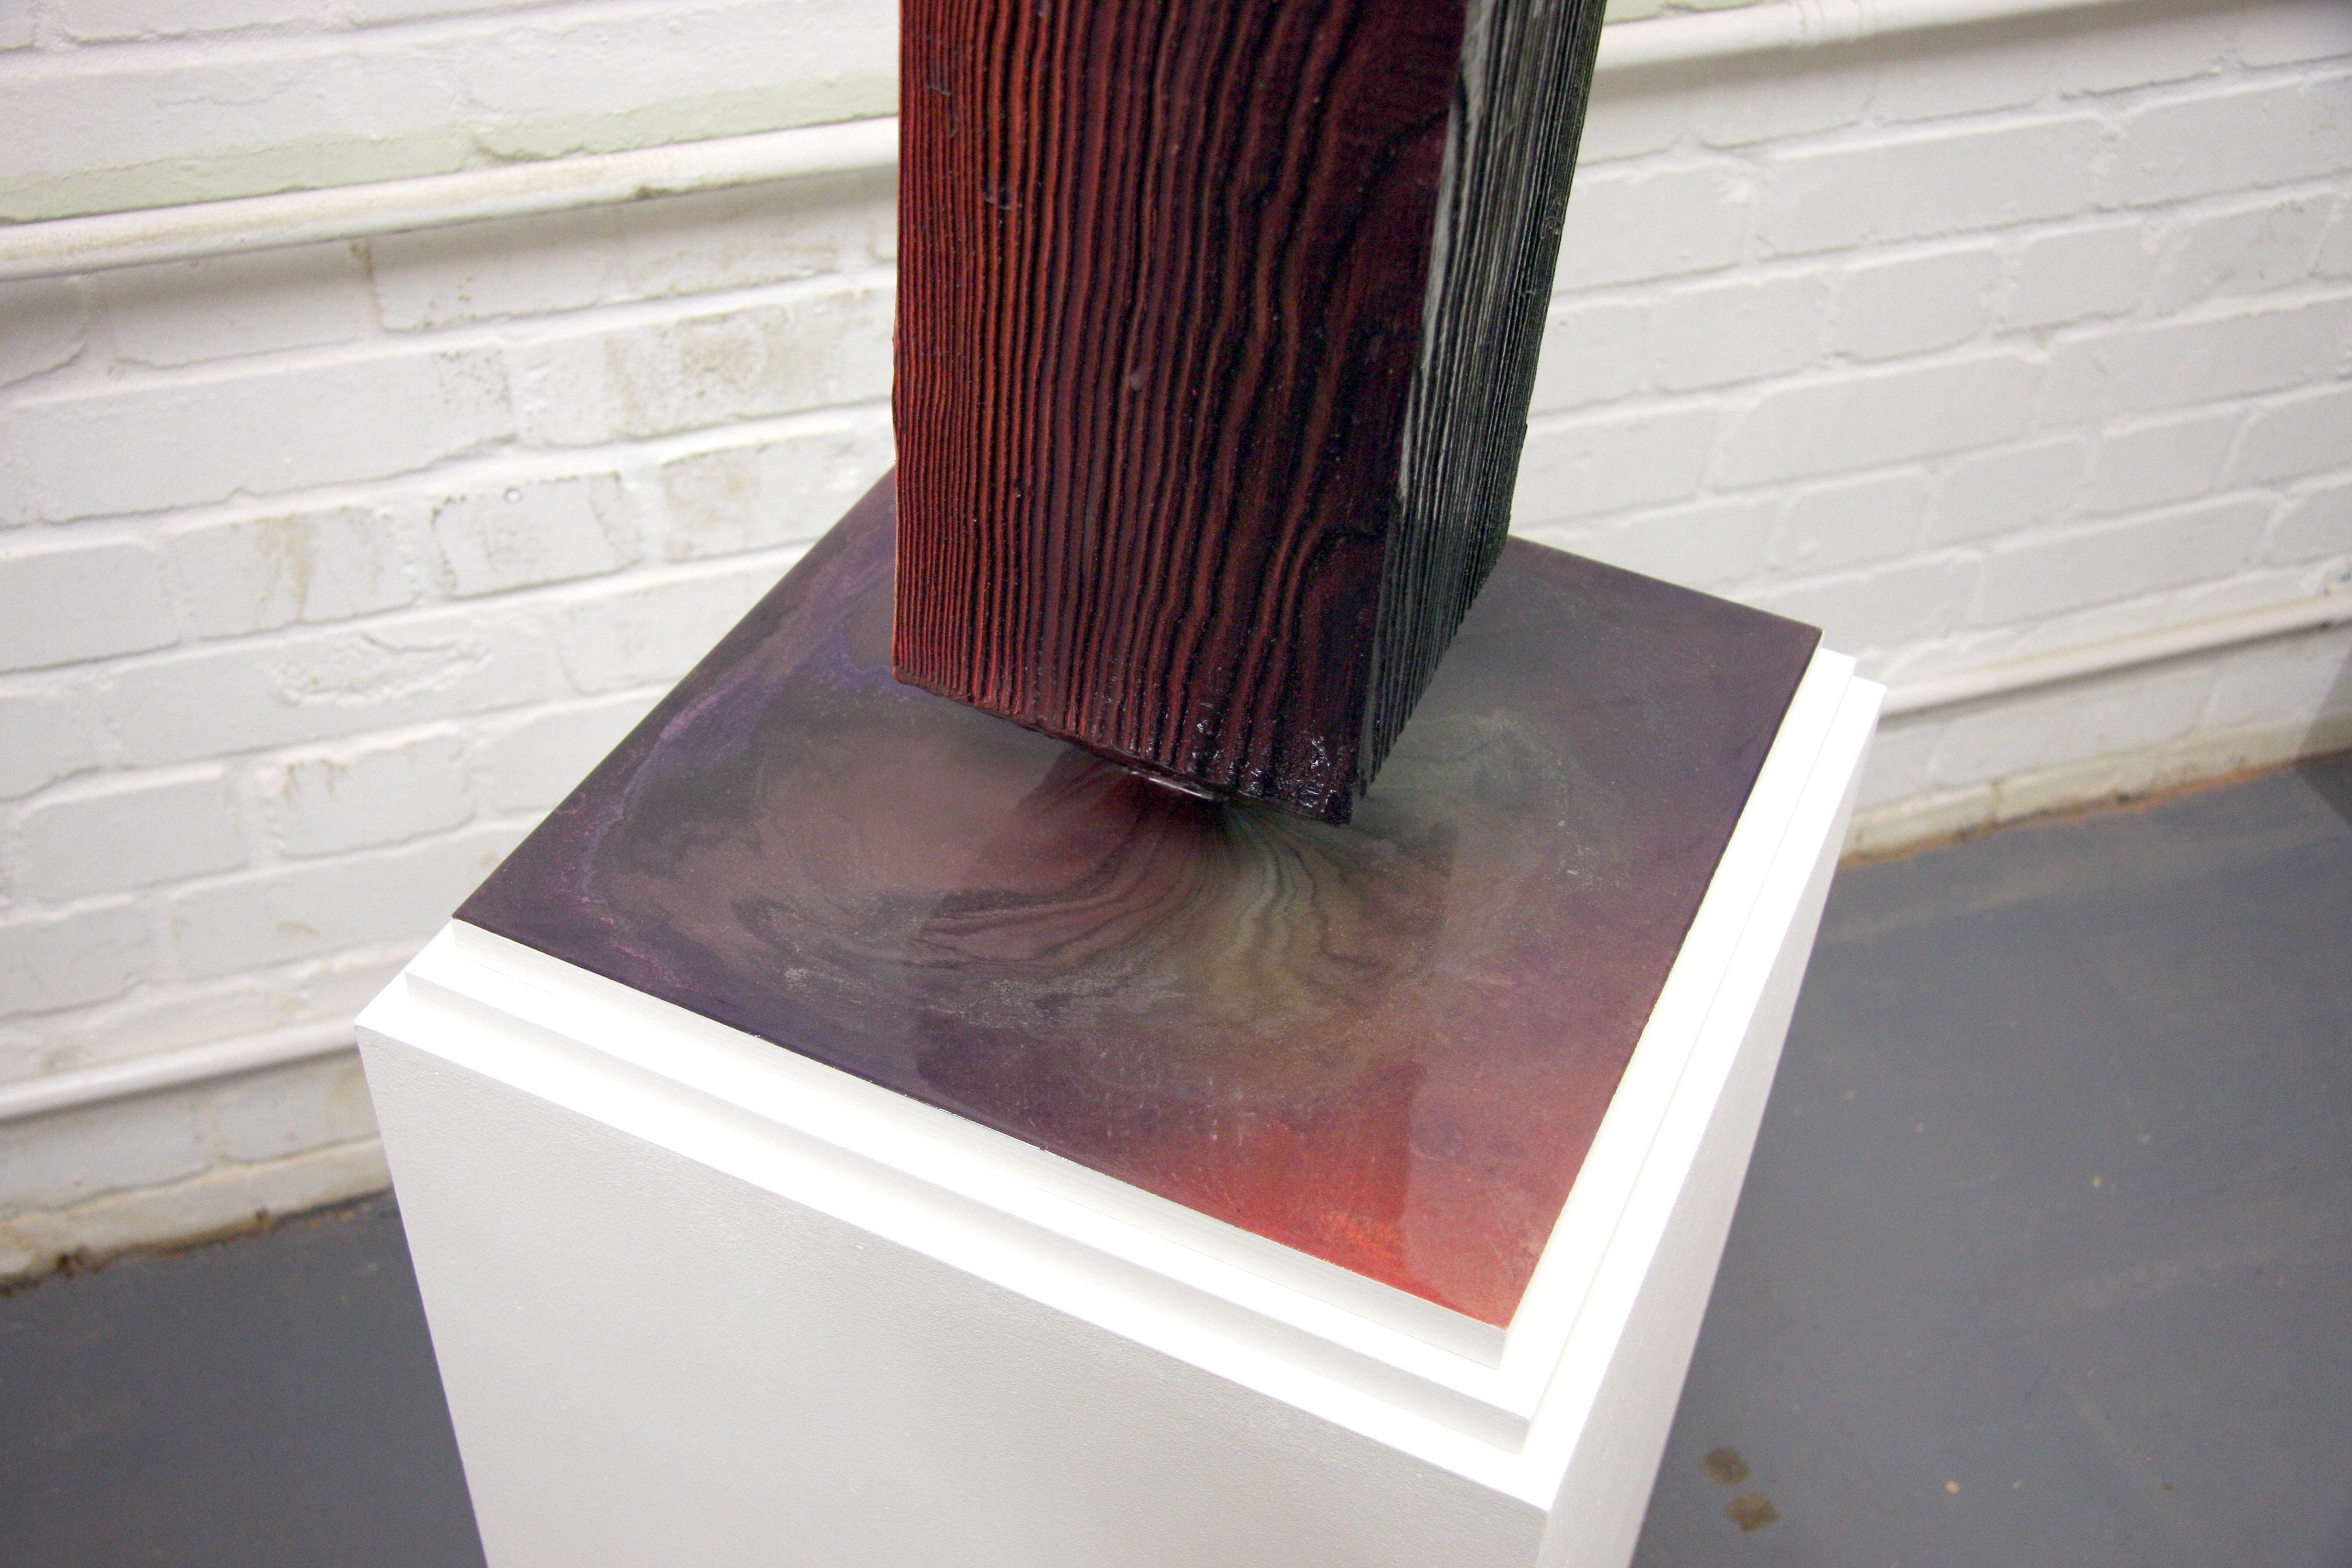 Untitled (obelisk), 2018 (detail)